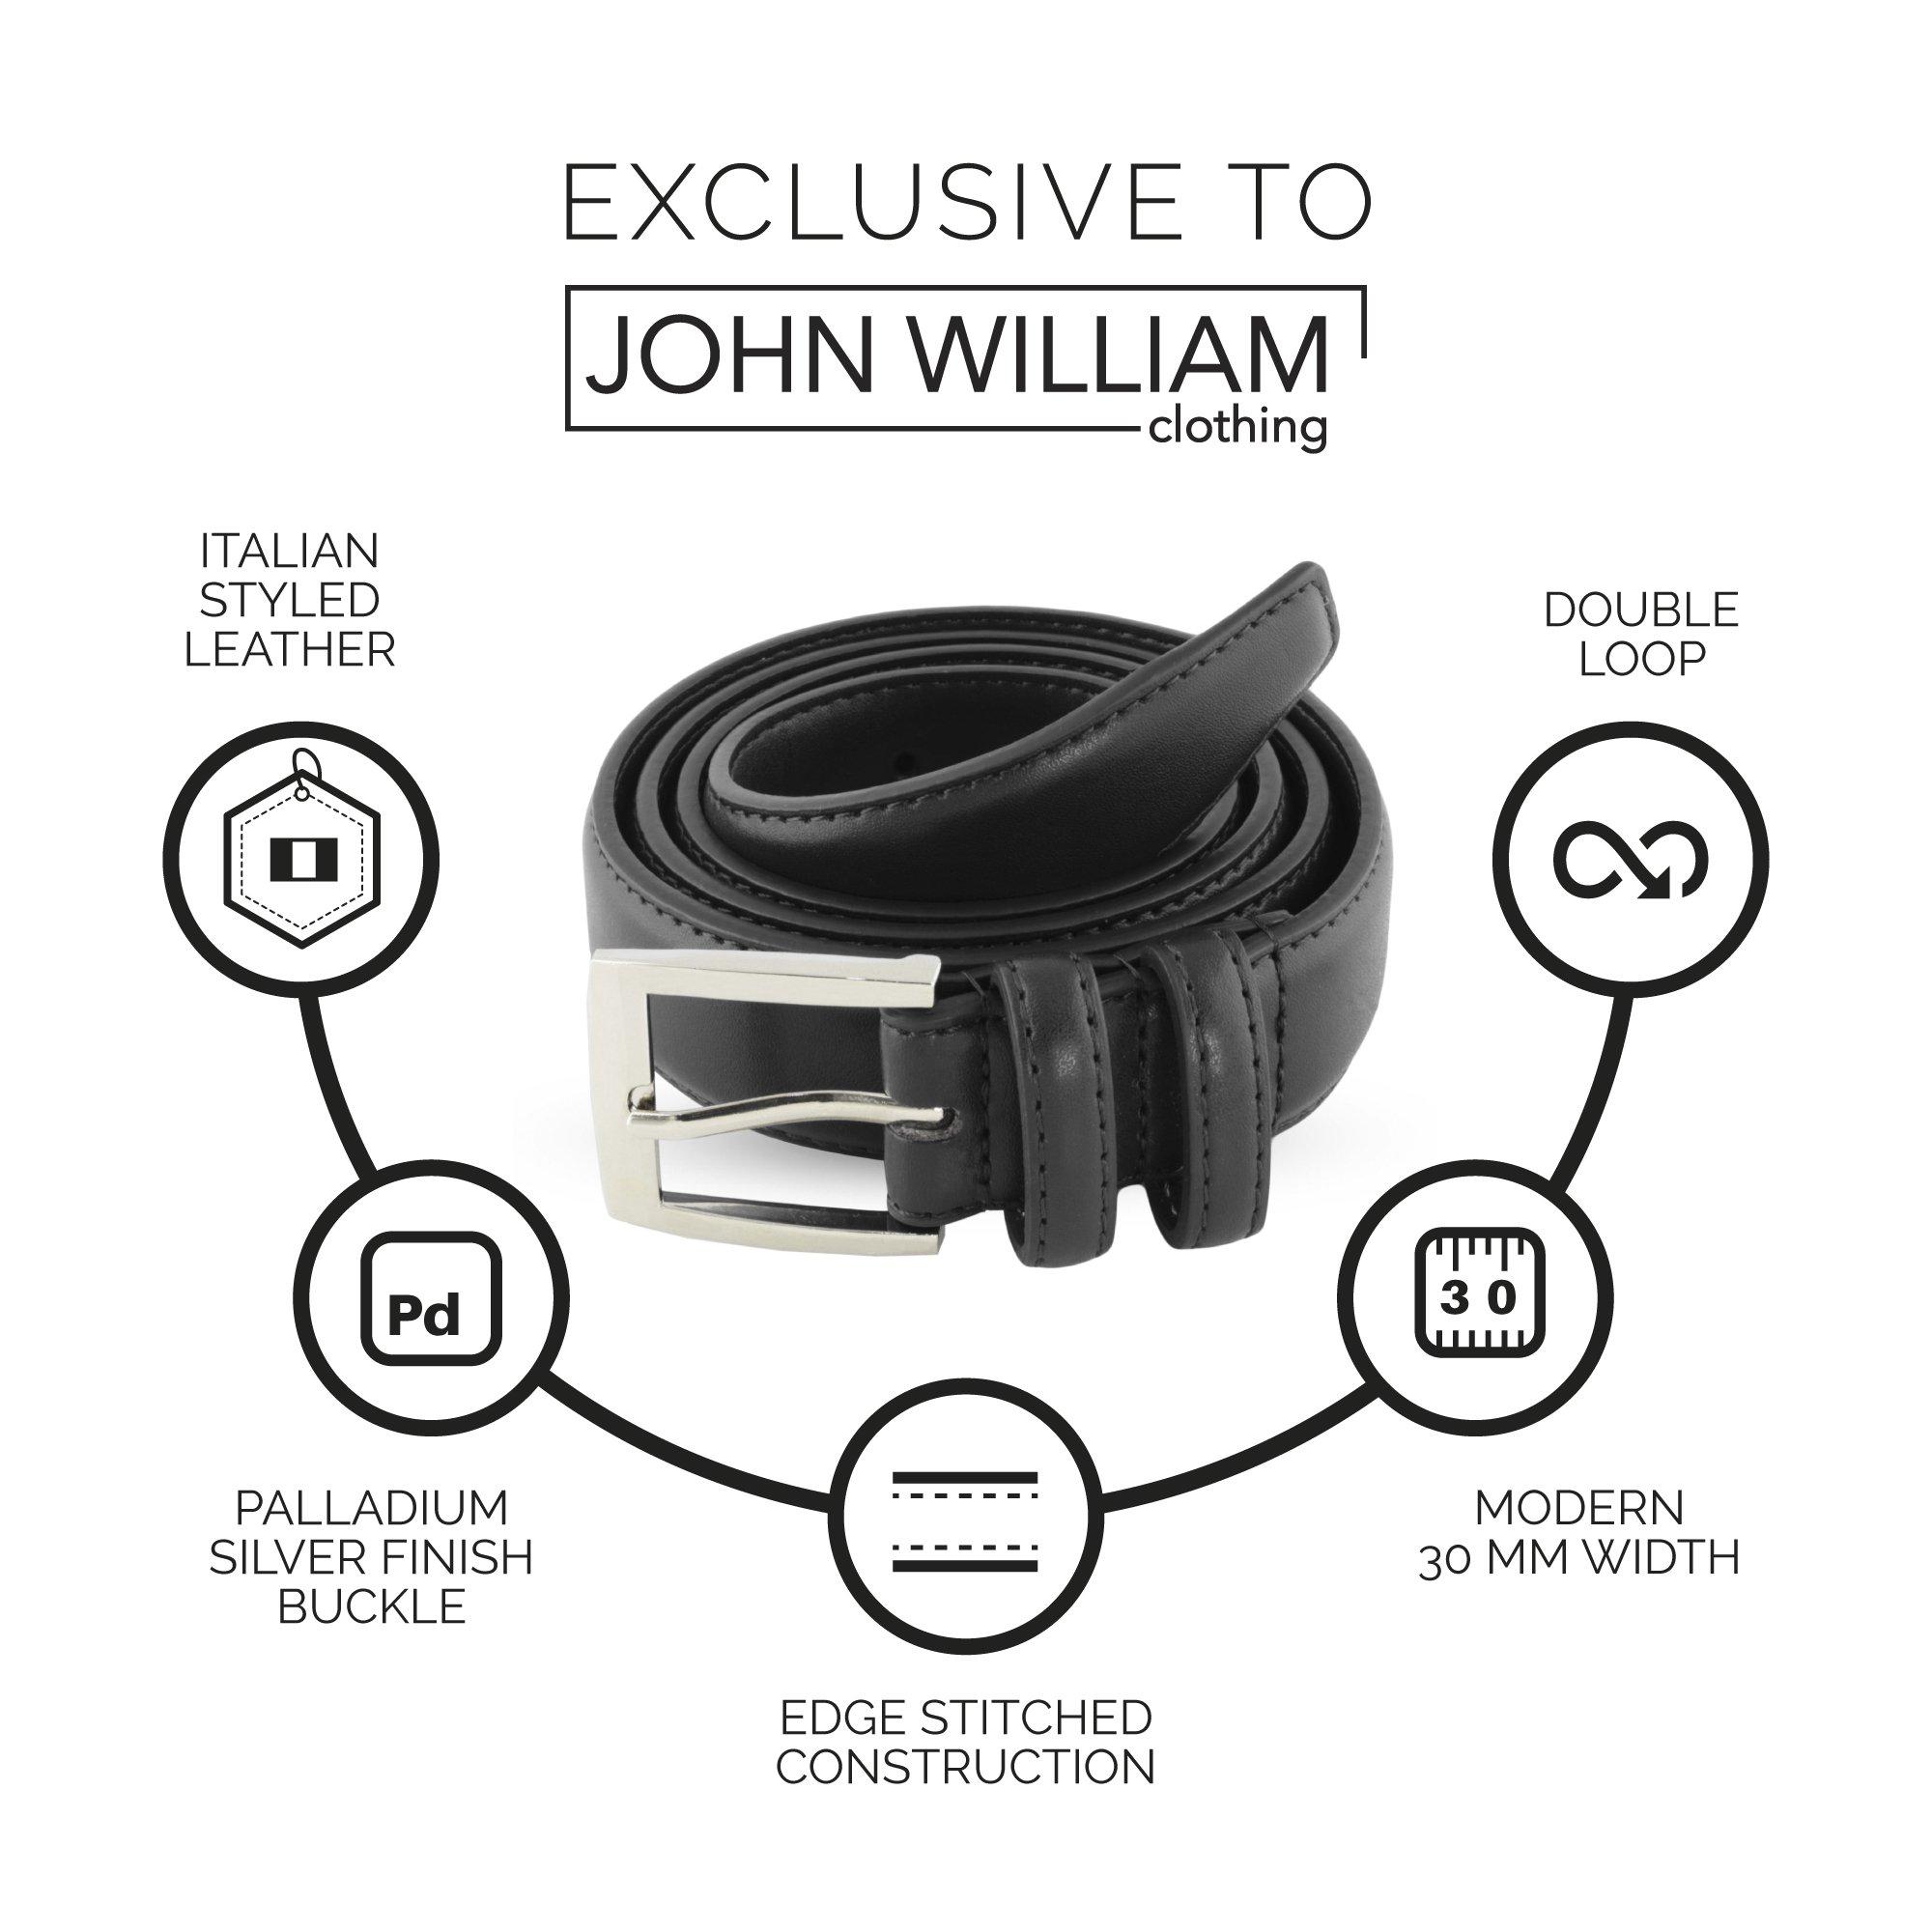 Leather Belts For Men - Mens Black Belt - 1.25'' Dress & Casual Men's Belt in Gift Bag - 36 by John William Clothing (Image #3)